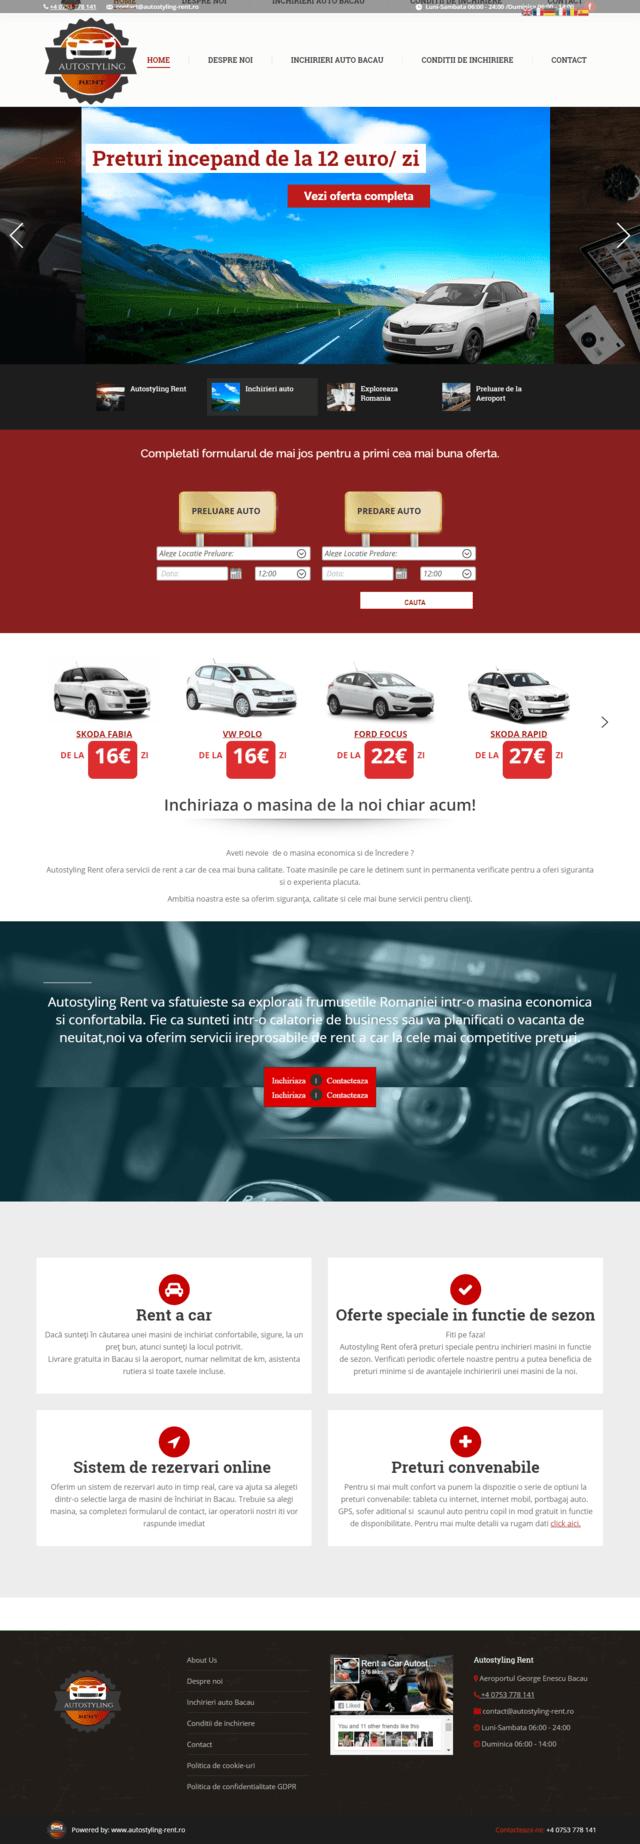 Inovateam web design -inchirieri auto (4)